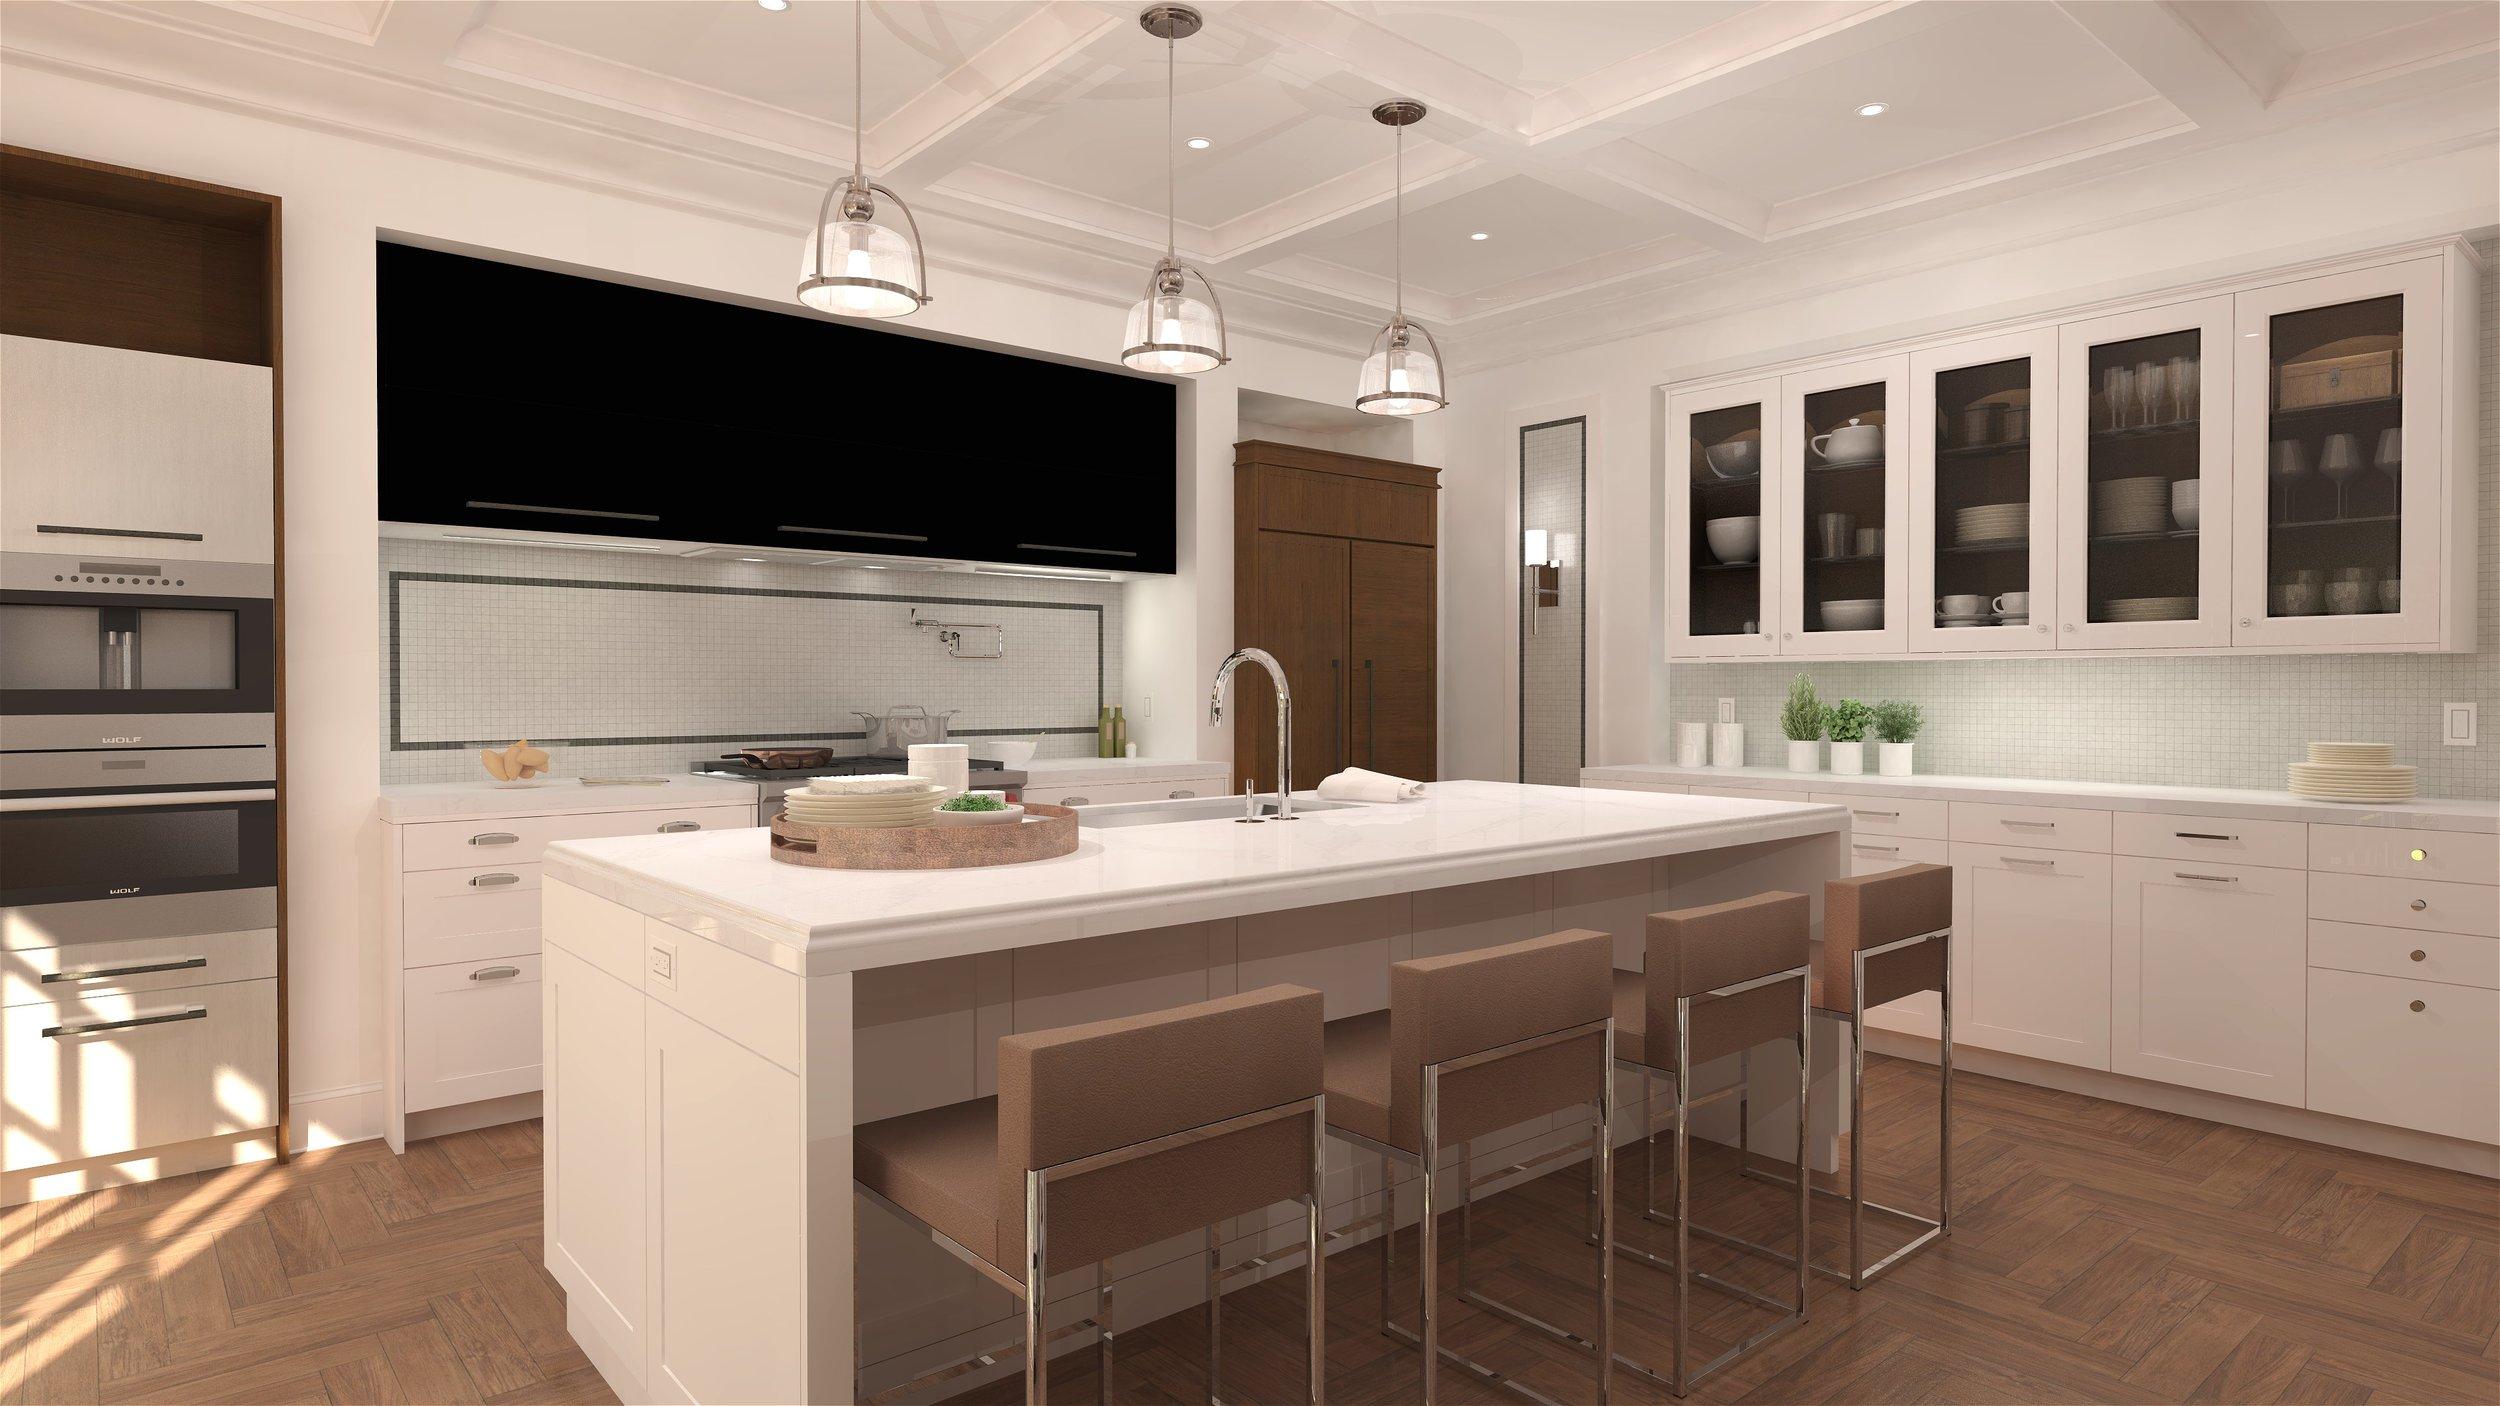 deSousaDESIGN_Kitchen_New_Vintage_V1b_3840x2160.jpg